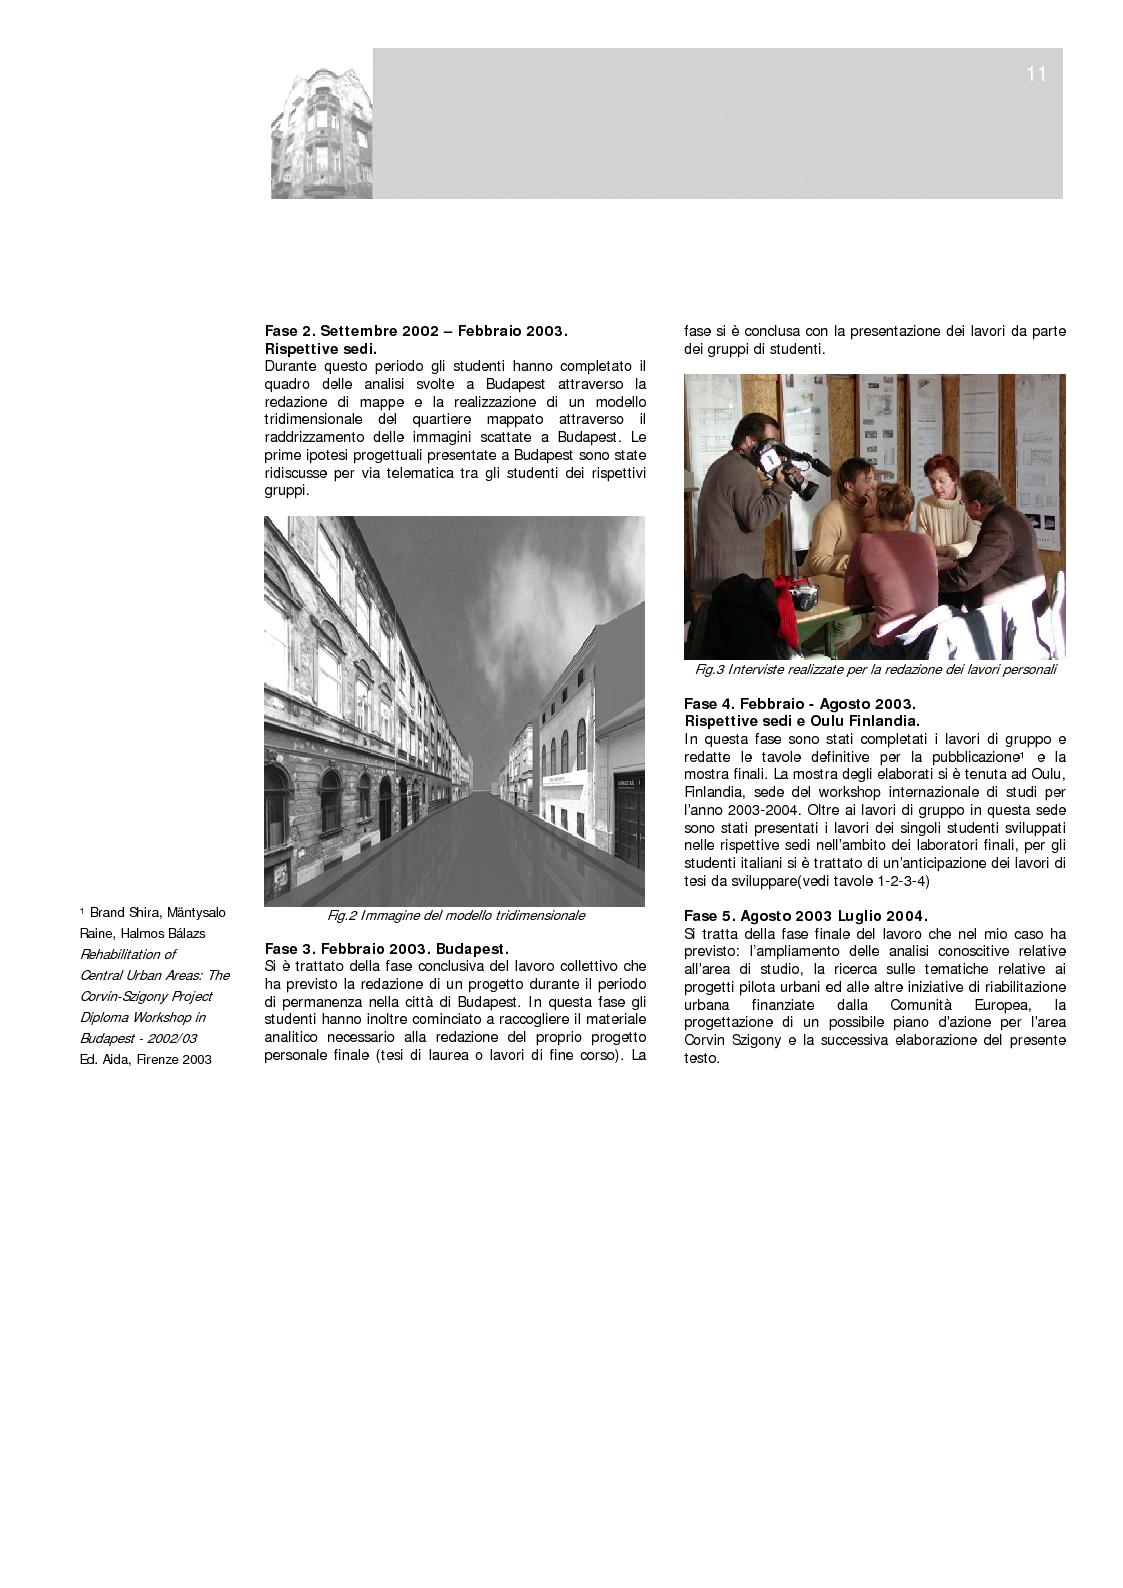 Anteprima della tesi: Strategie di riqualificazione dell'ambiente costruito: Progetto Pilota per l'area Corvin-Szigony a Budapest, Pagina 10